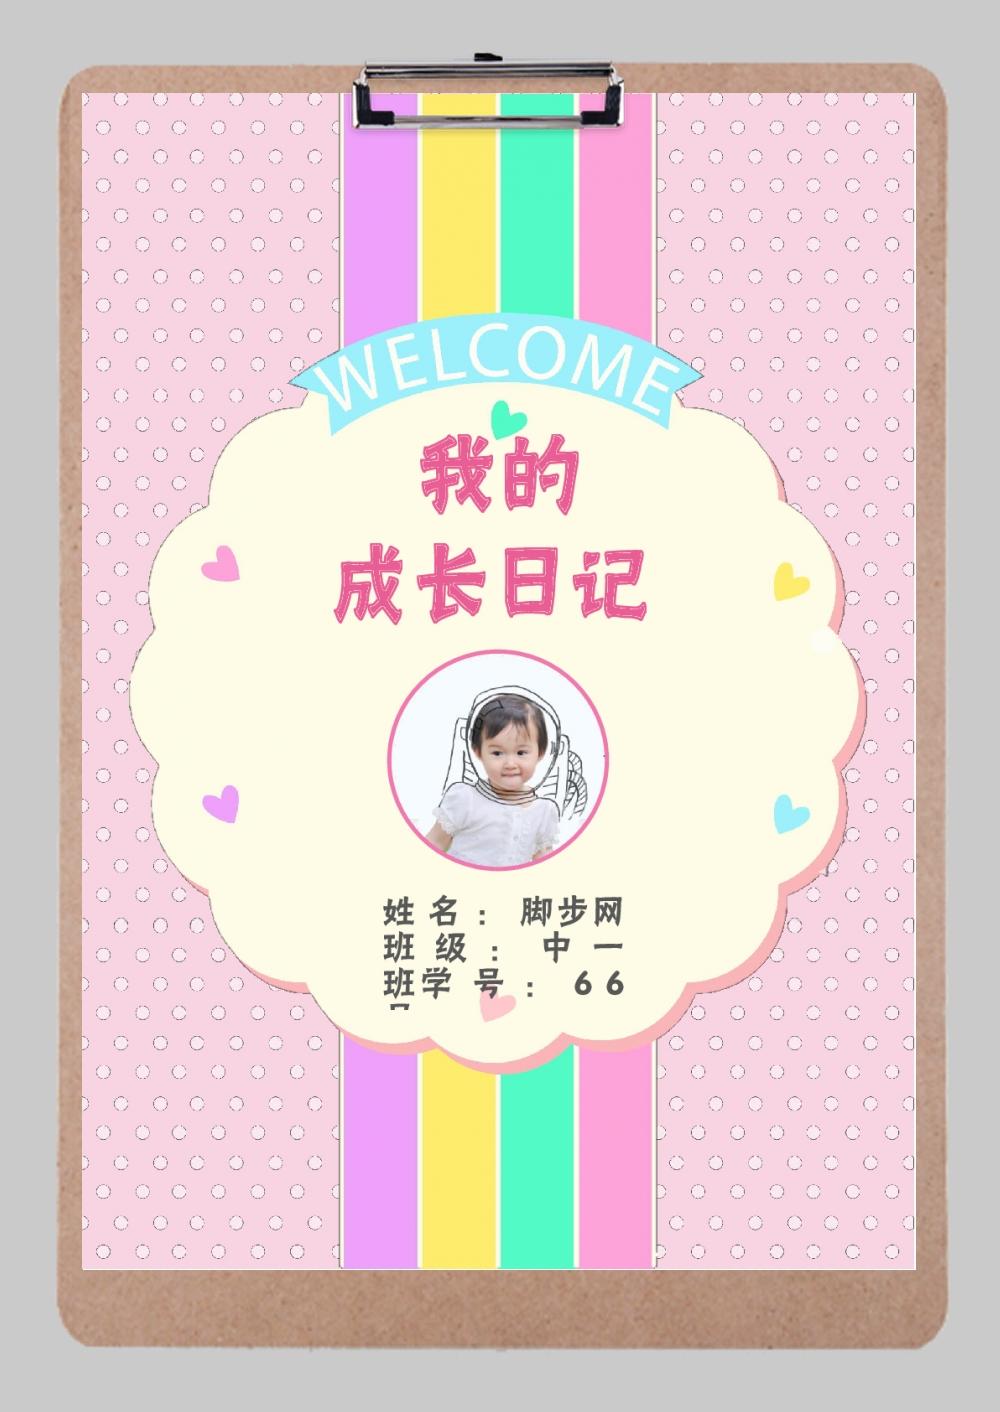 粉色浪漫温馨儿童成长日记word模板